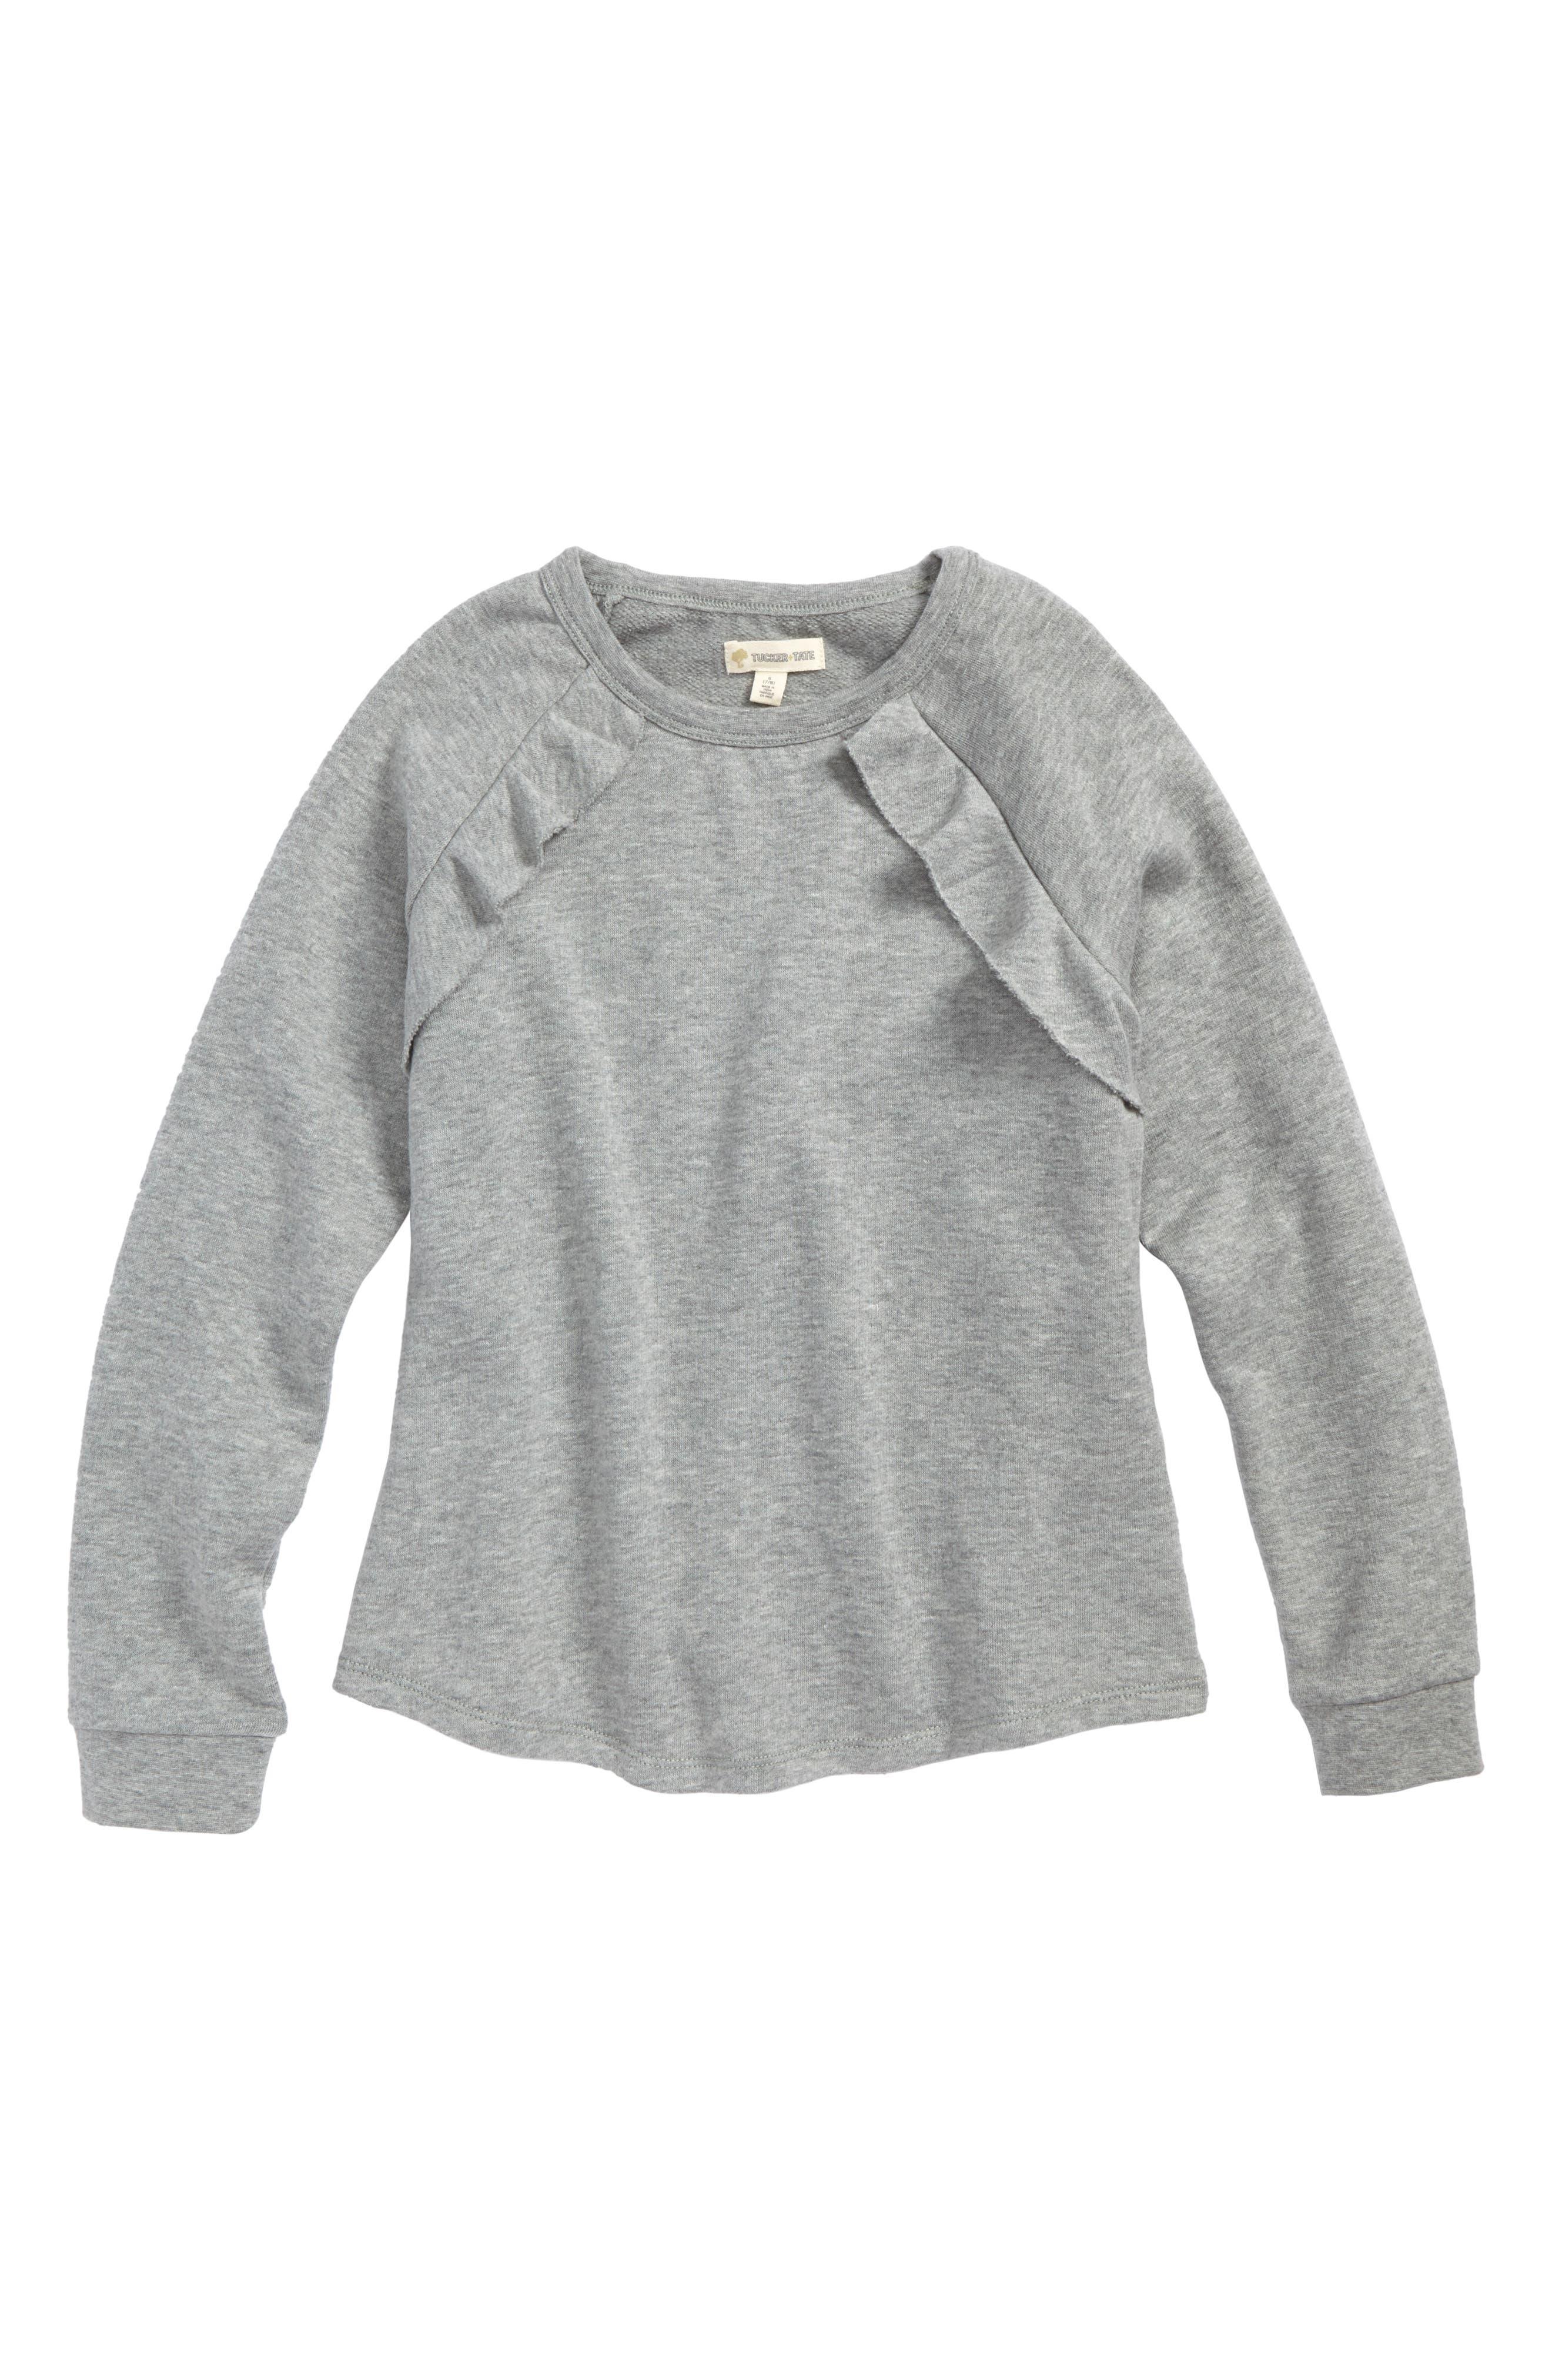 Ruffle Fleece Sweatshirt,                         Main,                         color, 030